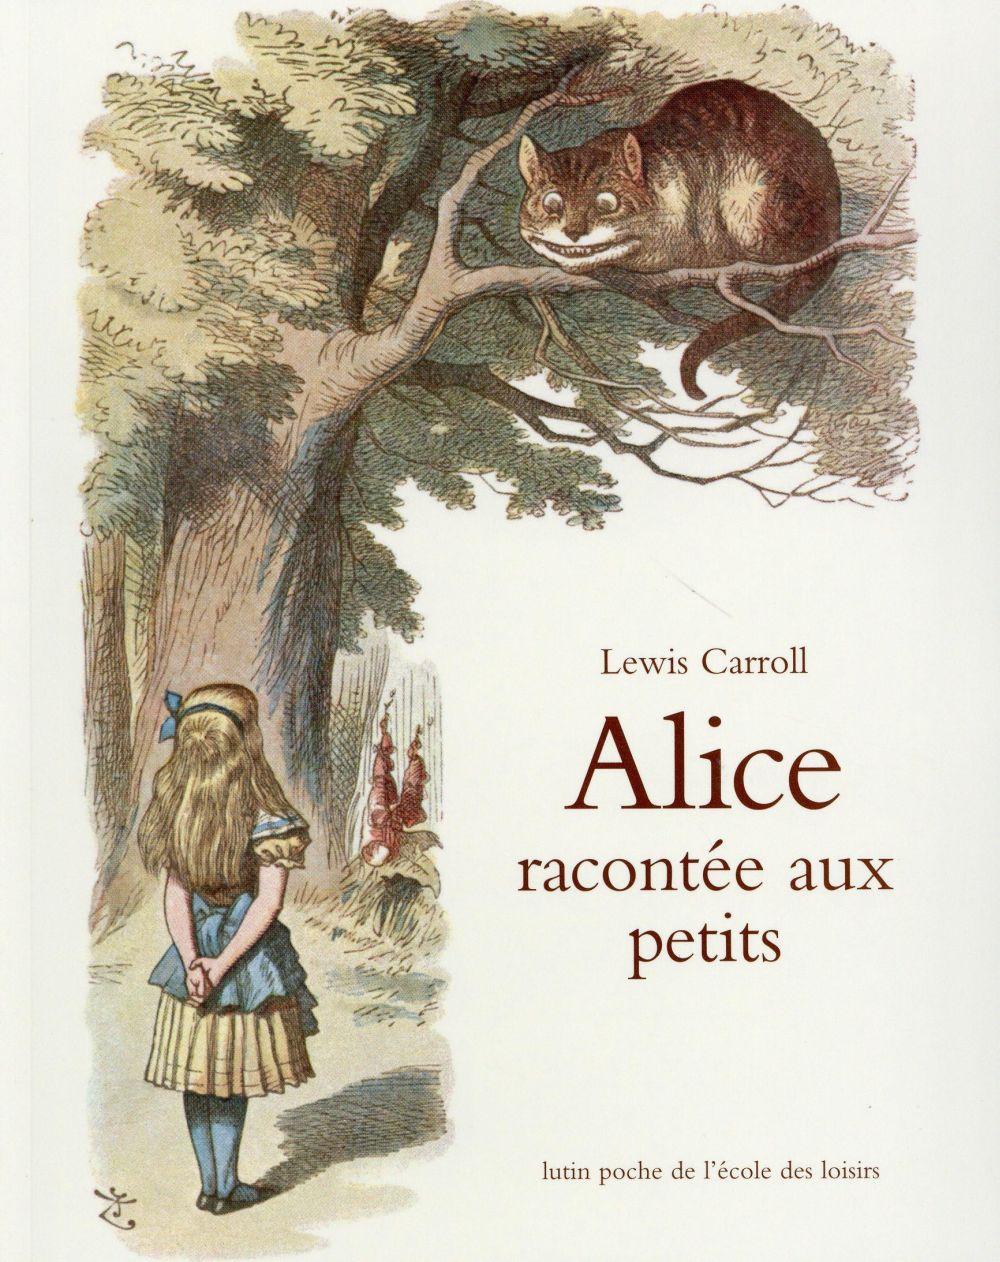 ALICE RACONTEE AUX PETITS